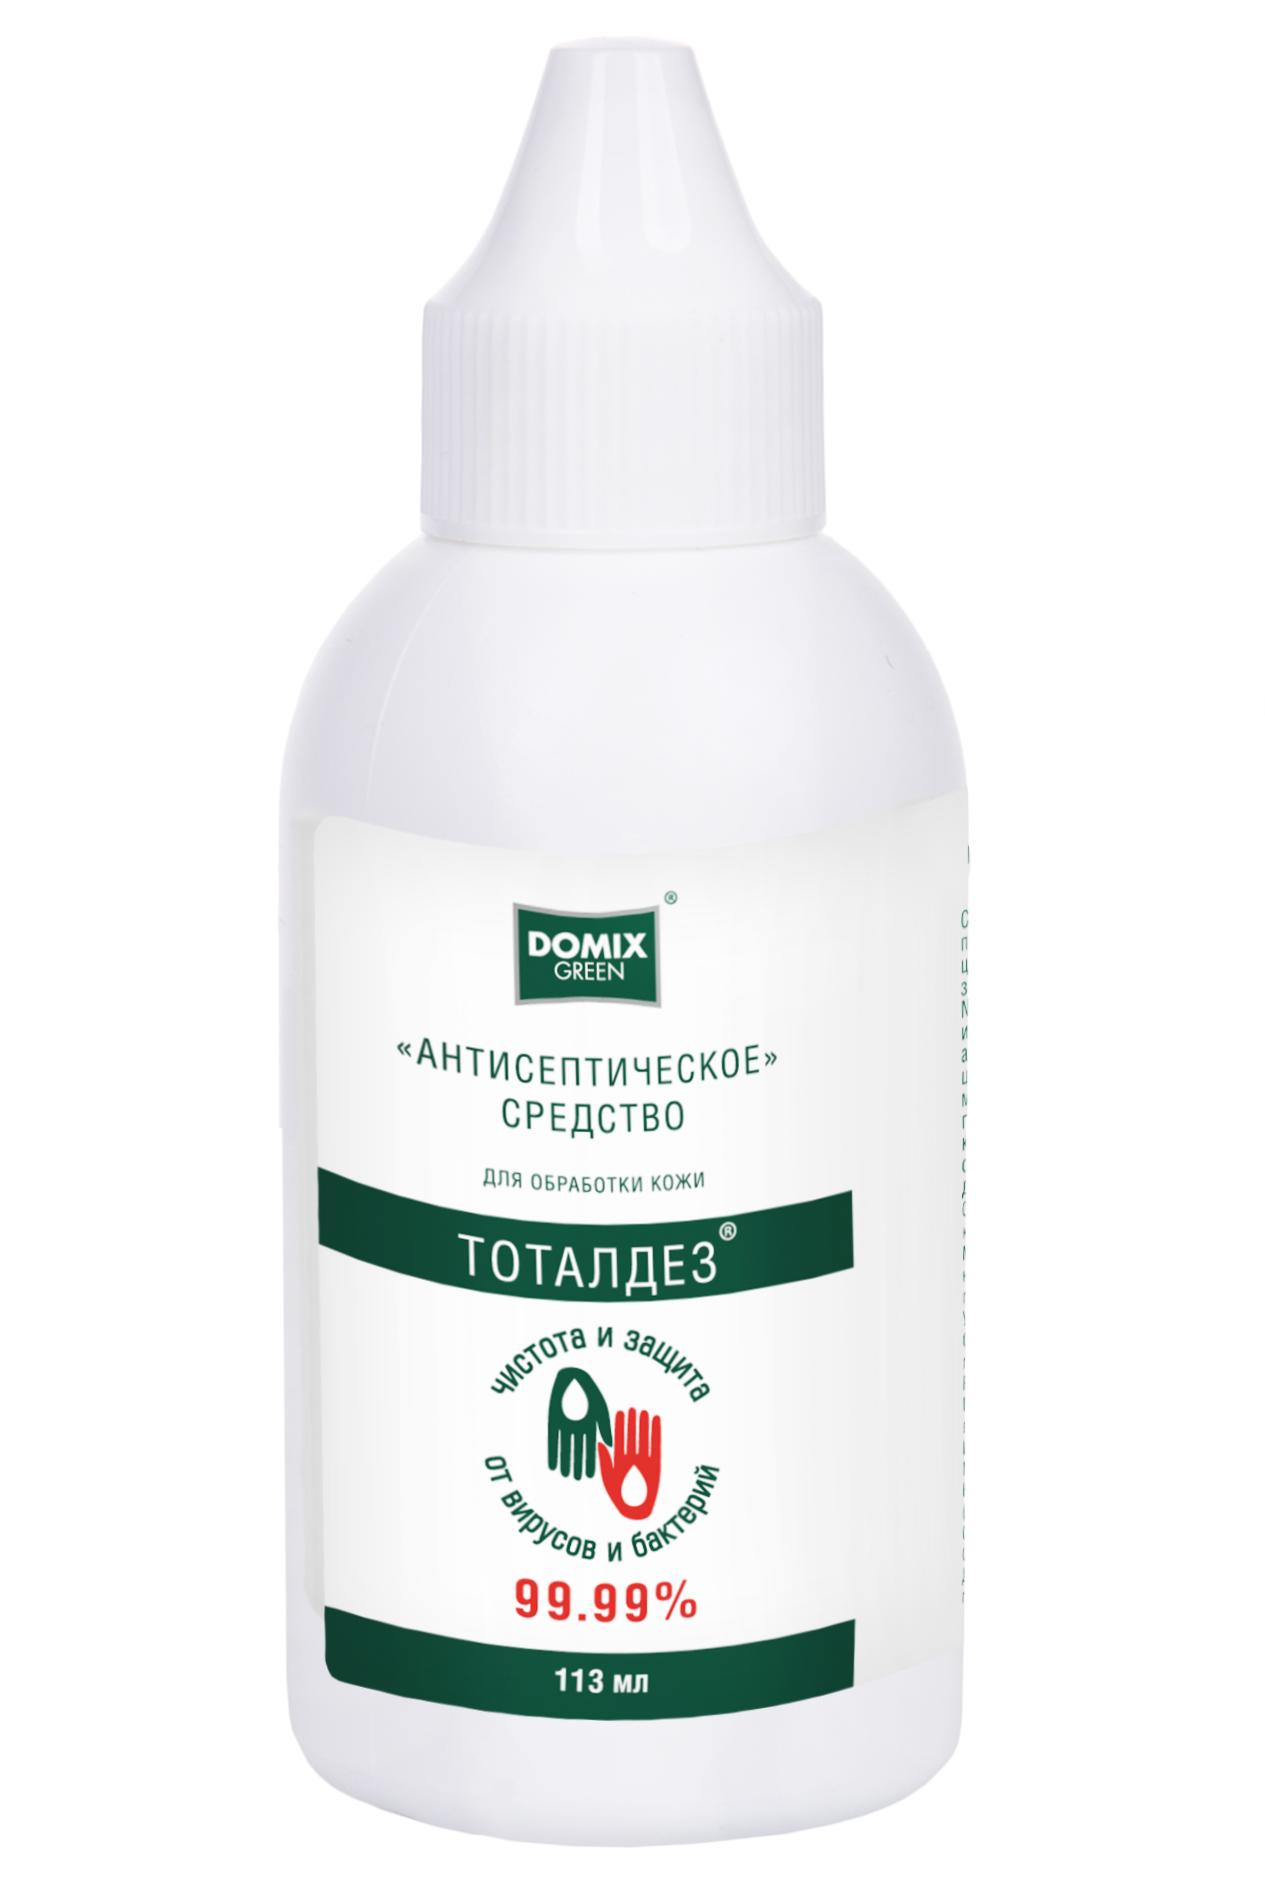 DOMIX GREEN PROFESSIONAL Средство антисептическое для обработки кожи, носик 113 мл